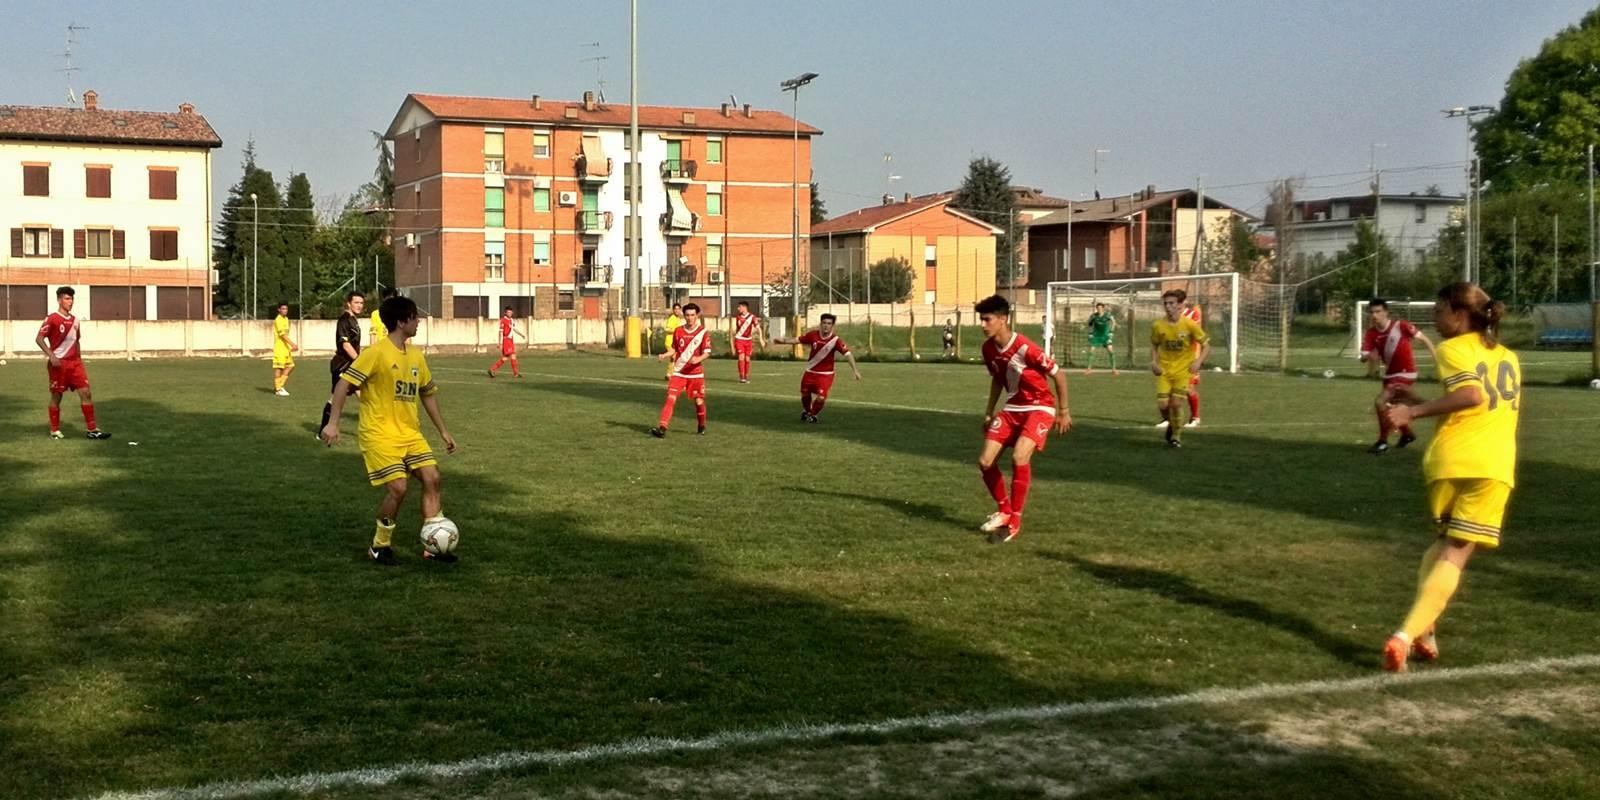 Sassi 27 - U17 Mantova-Formigine 1-0 f10